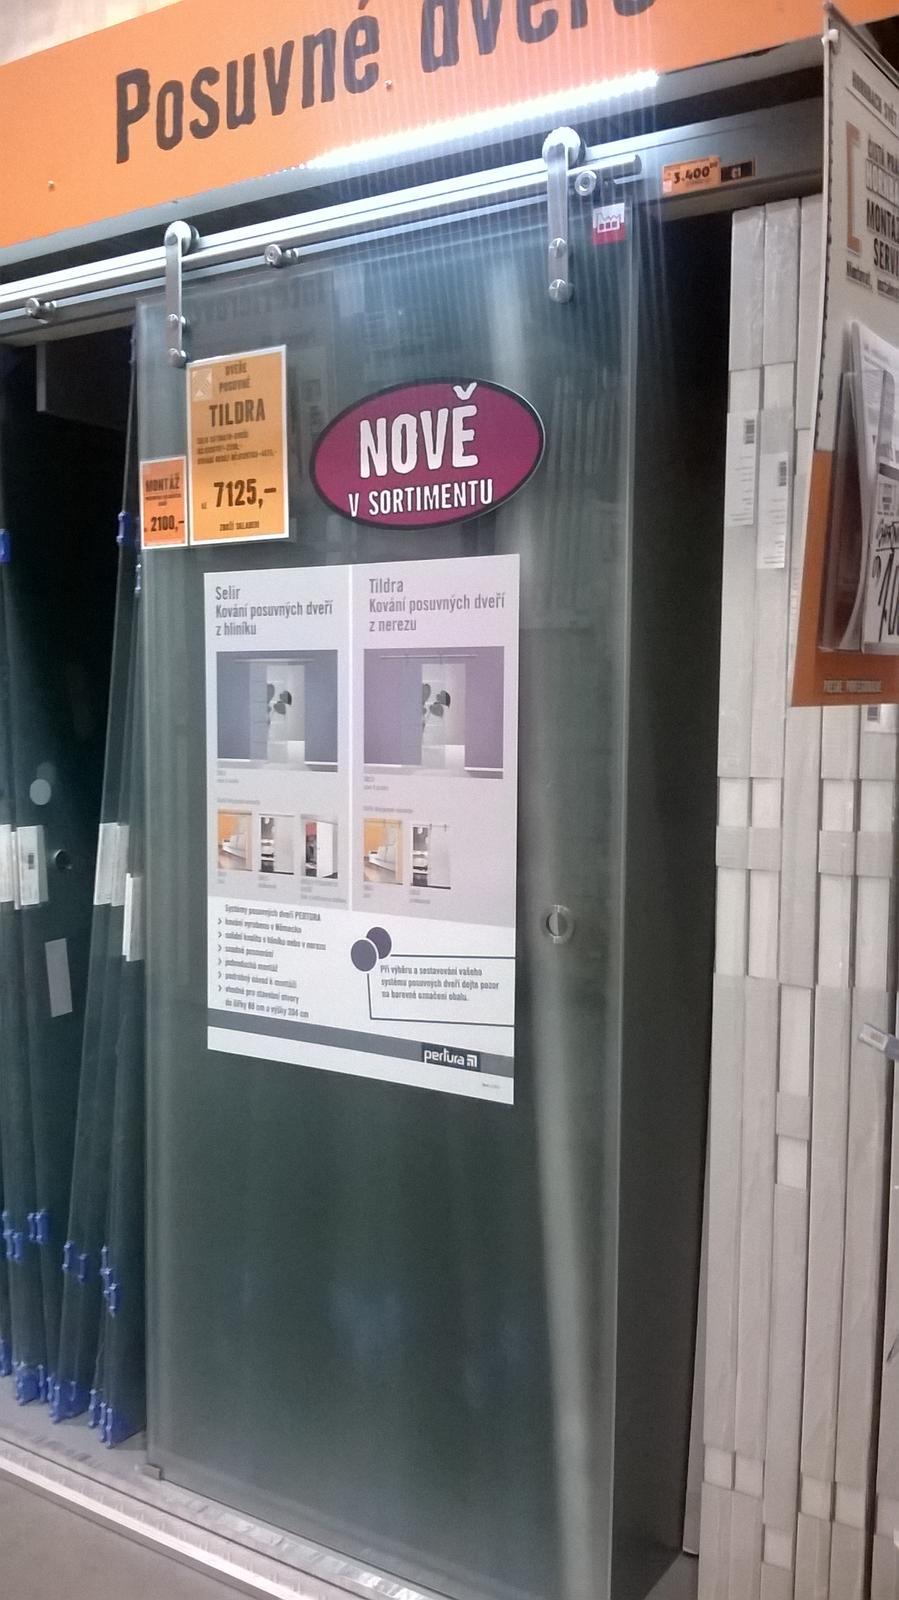 Kompletní rekonstrukce bytu 3+1 - vizualizace, vybrané zařízení a plány - Skleněné dveře do koupelny